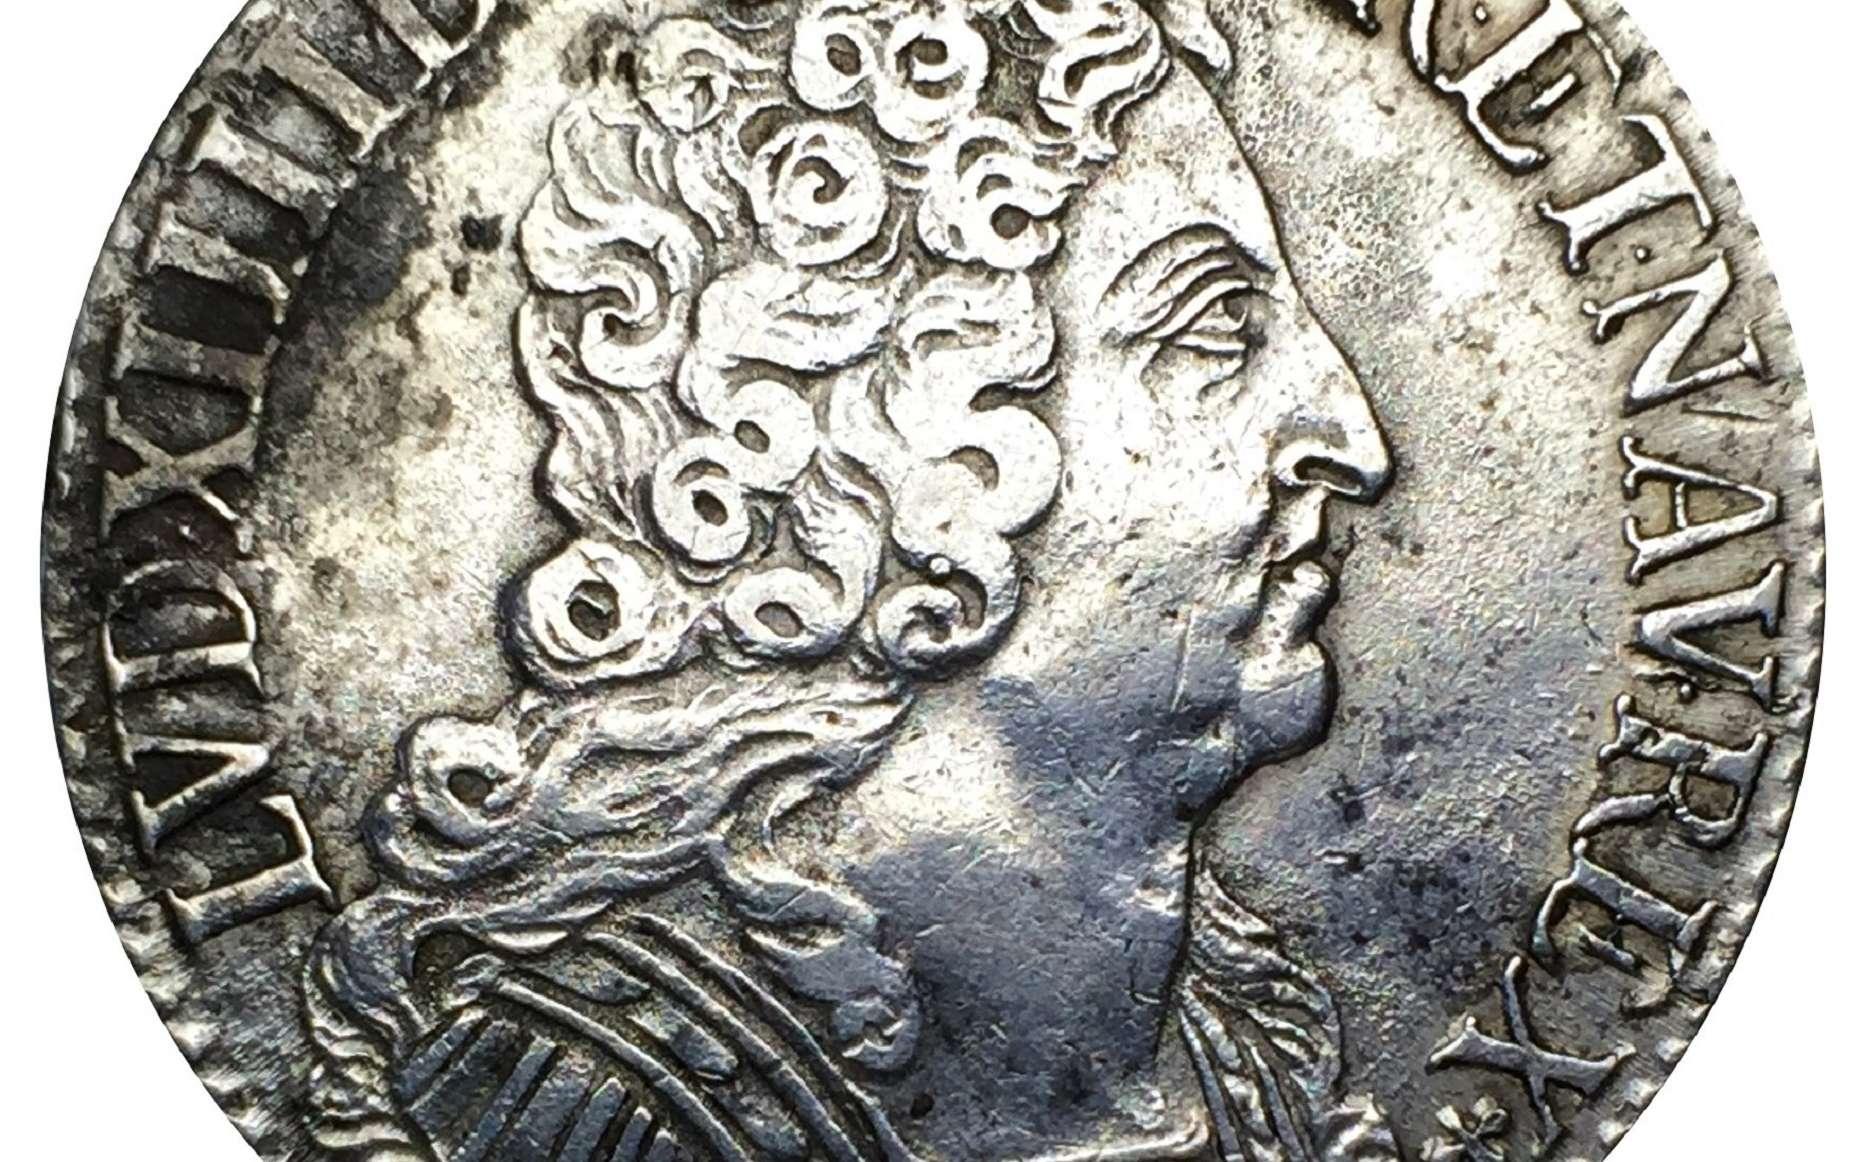 Écu d'argent dit « aux trois couronnes », Louis XIV, frappé en 1709 à Paris. Catalogue Numista (fr.numista.com). © claude44